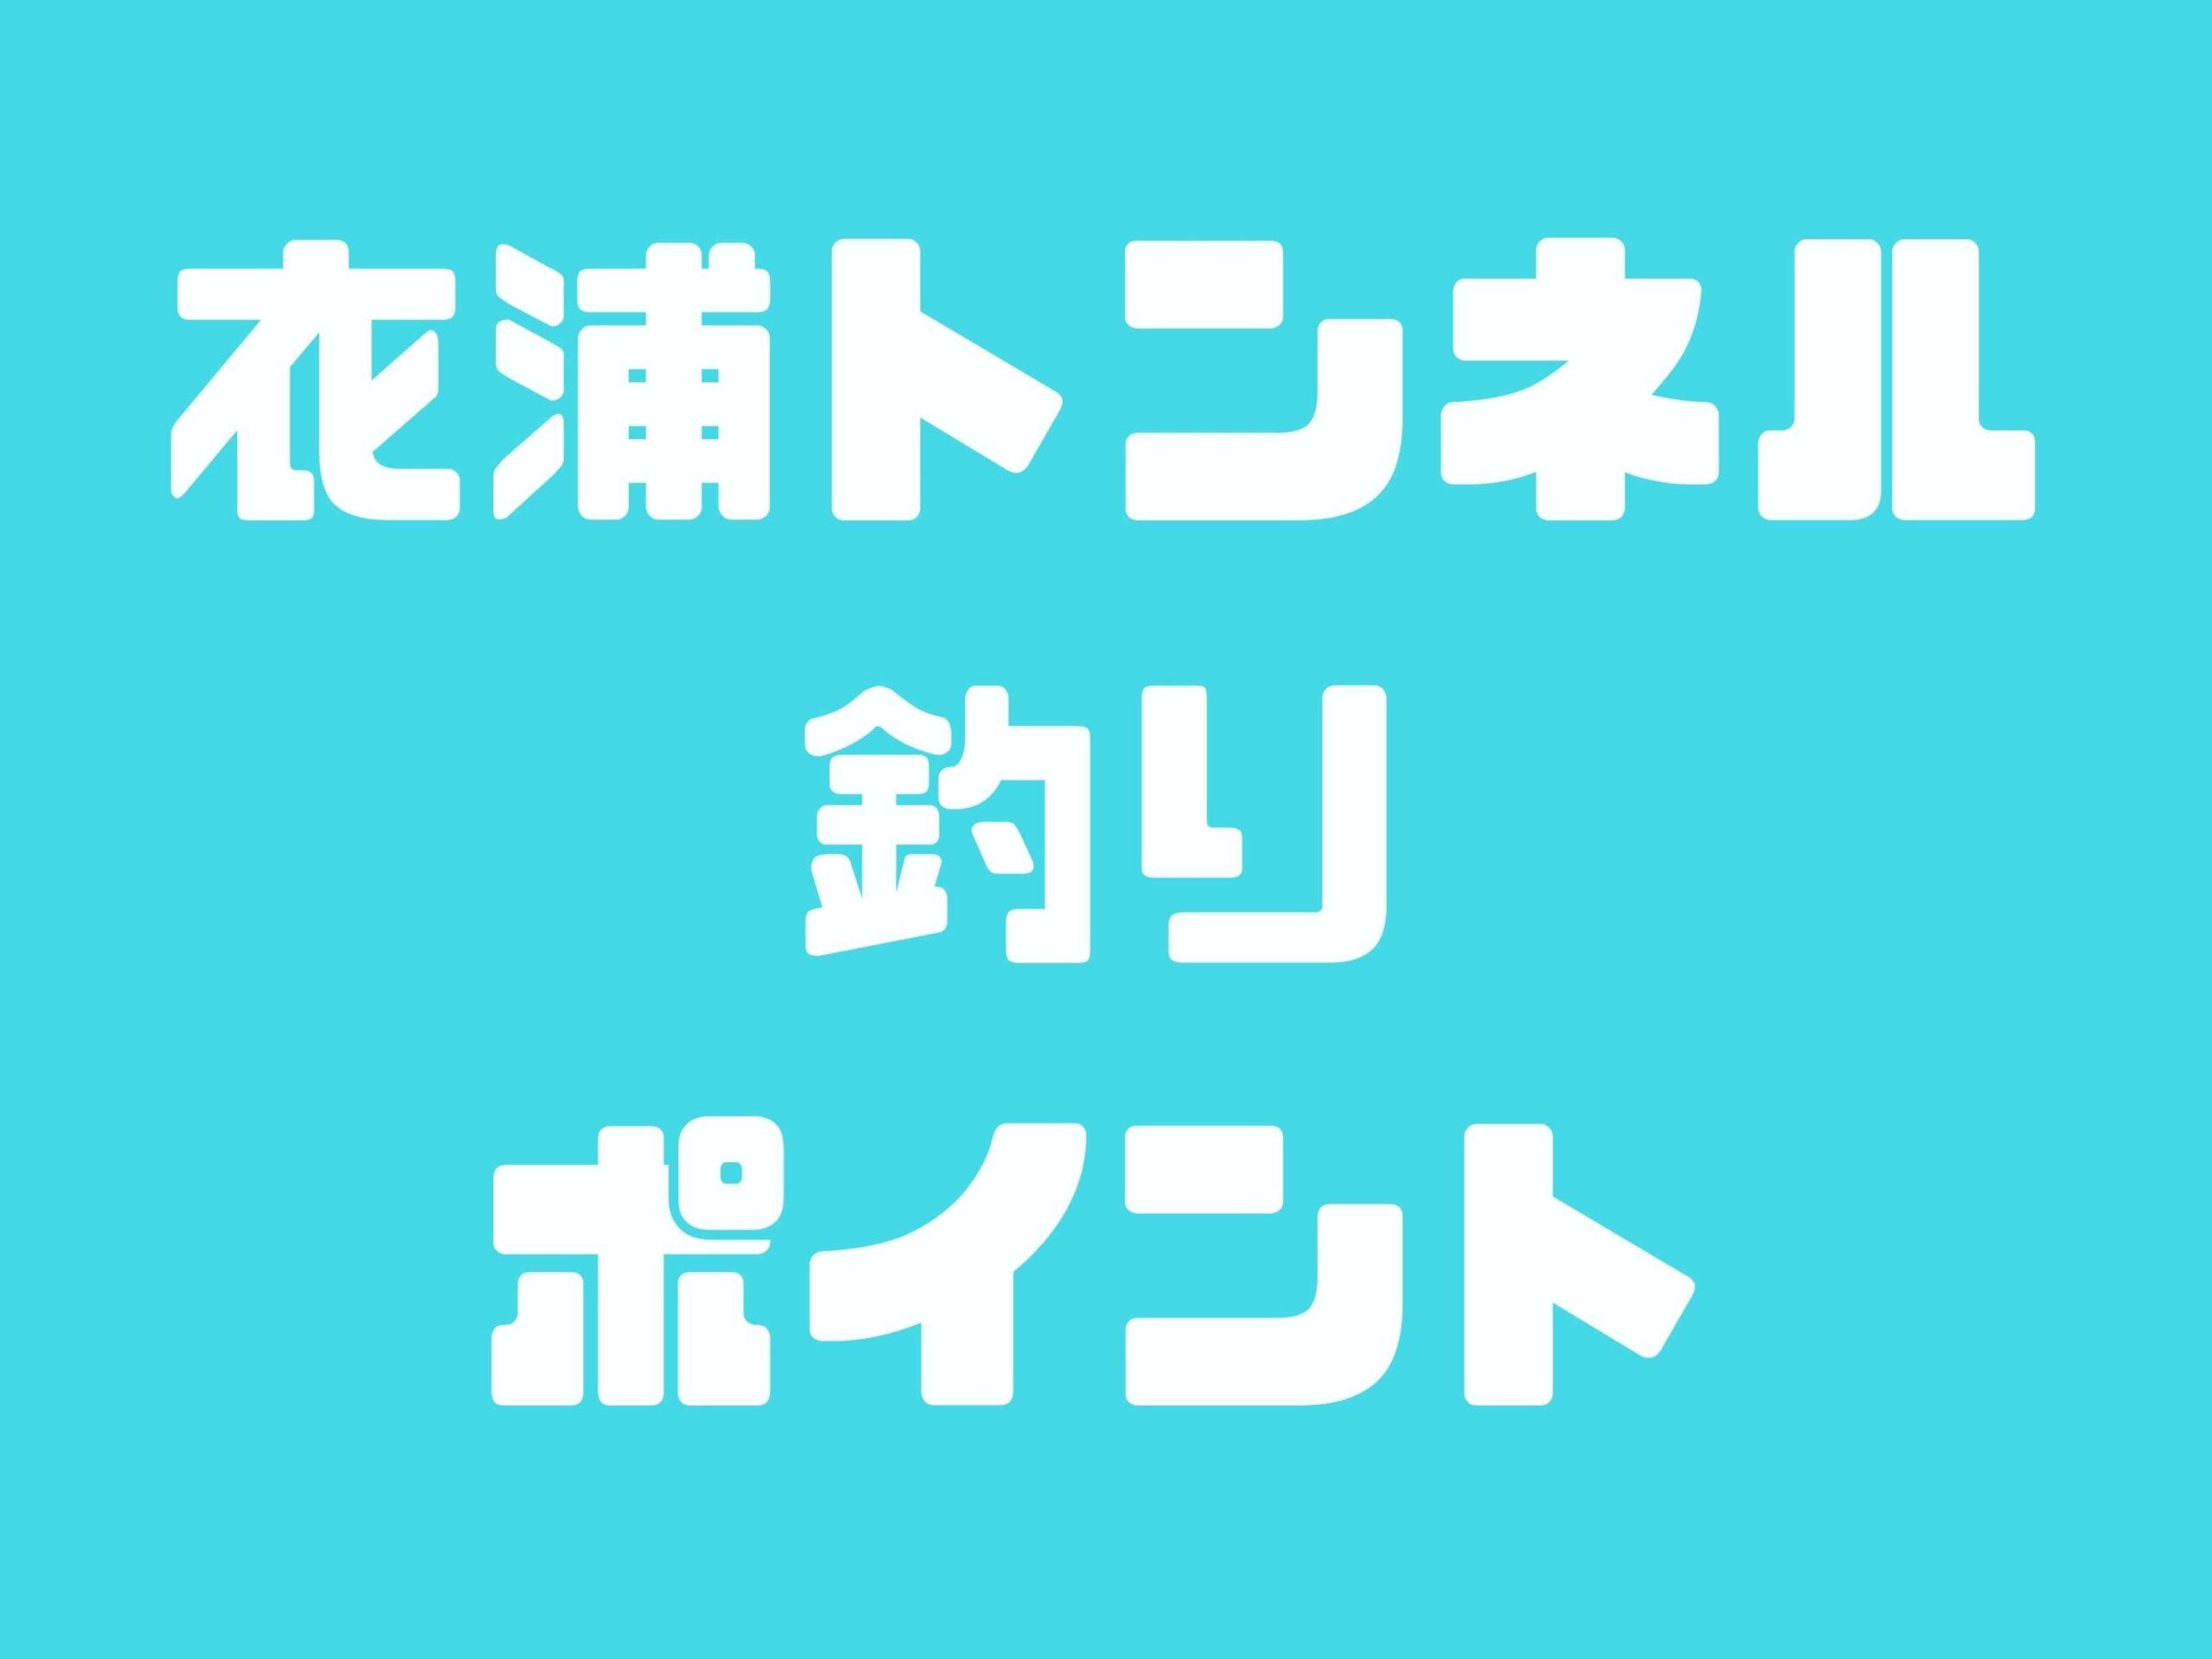 【衣浦トンネル】カサゴ・シーバス・チヌ・ヒイカ・アナゴが釣れる